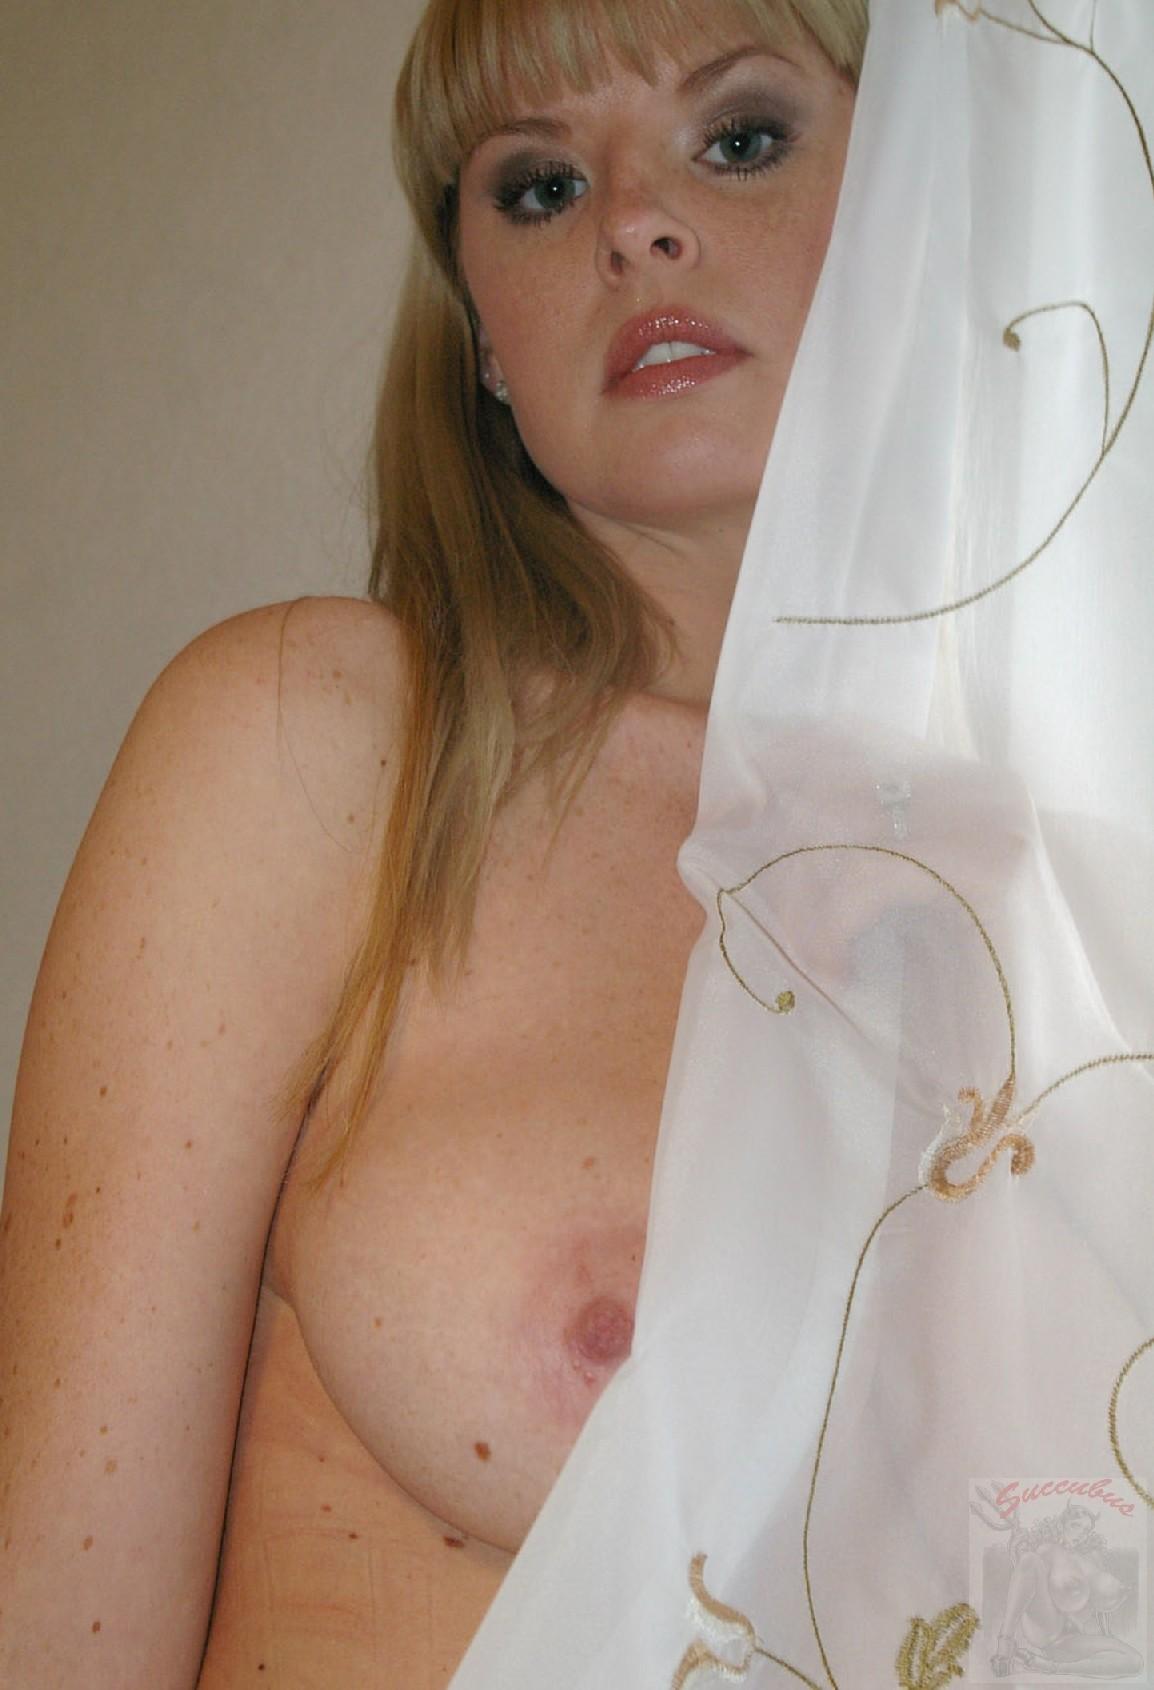 Губастая блондинка с большими сиськами оголяется у себя дома